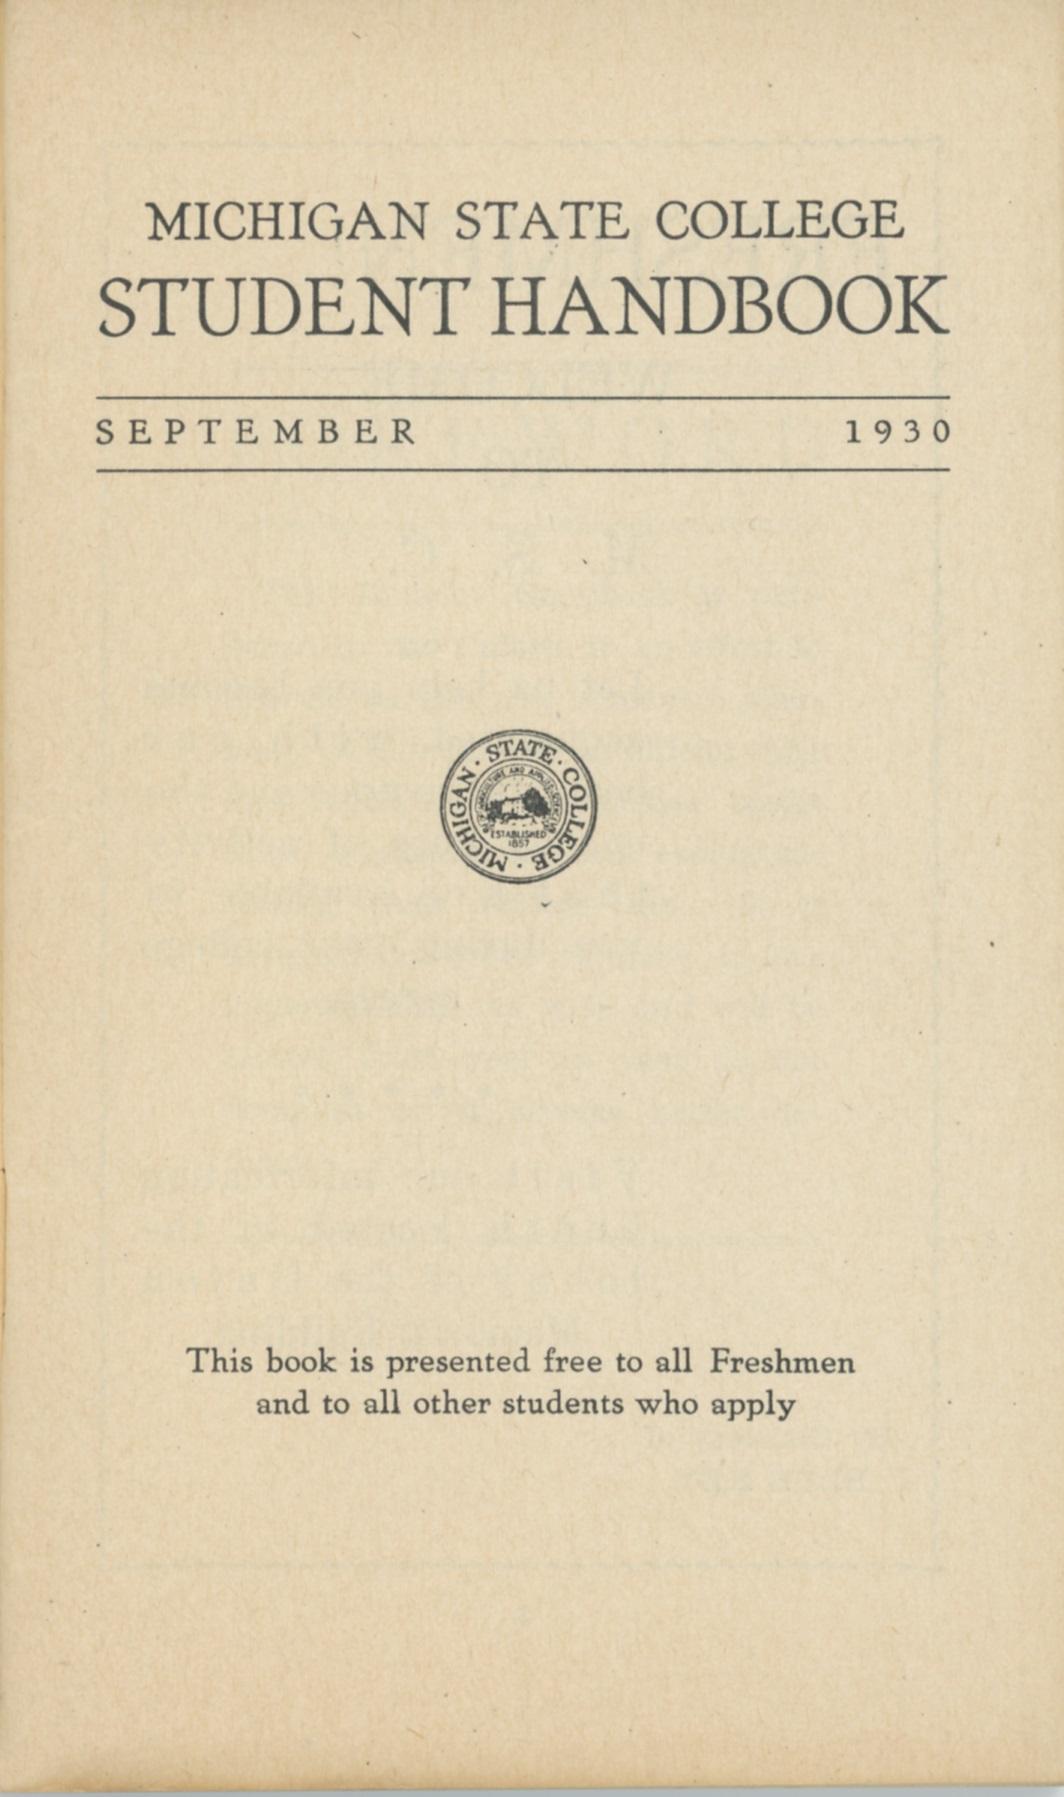 Student Handbook, 1930-1931